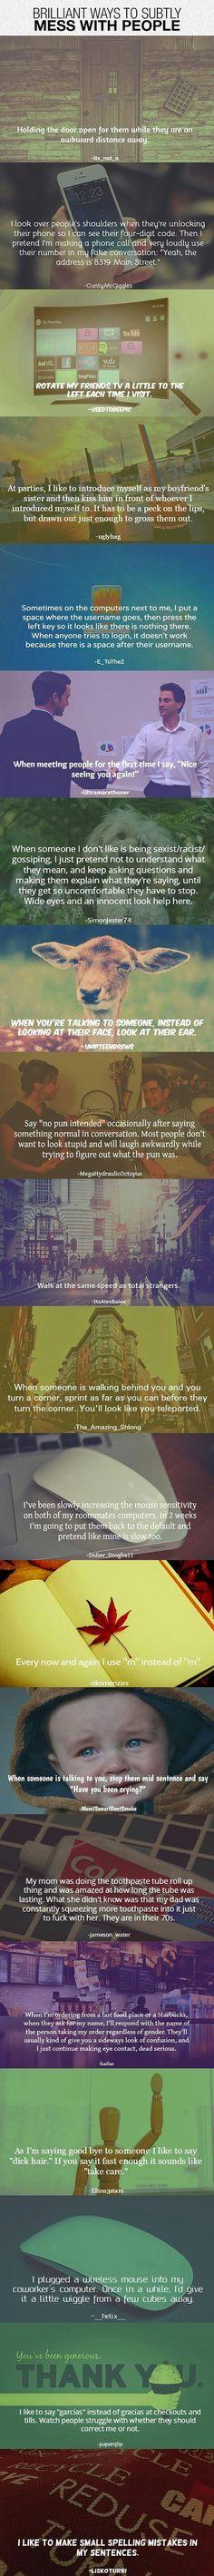 Perturber les gens